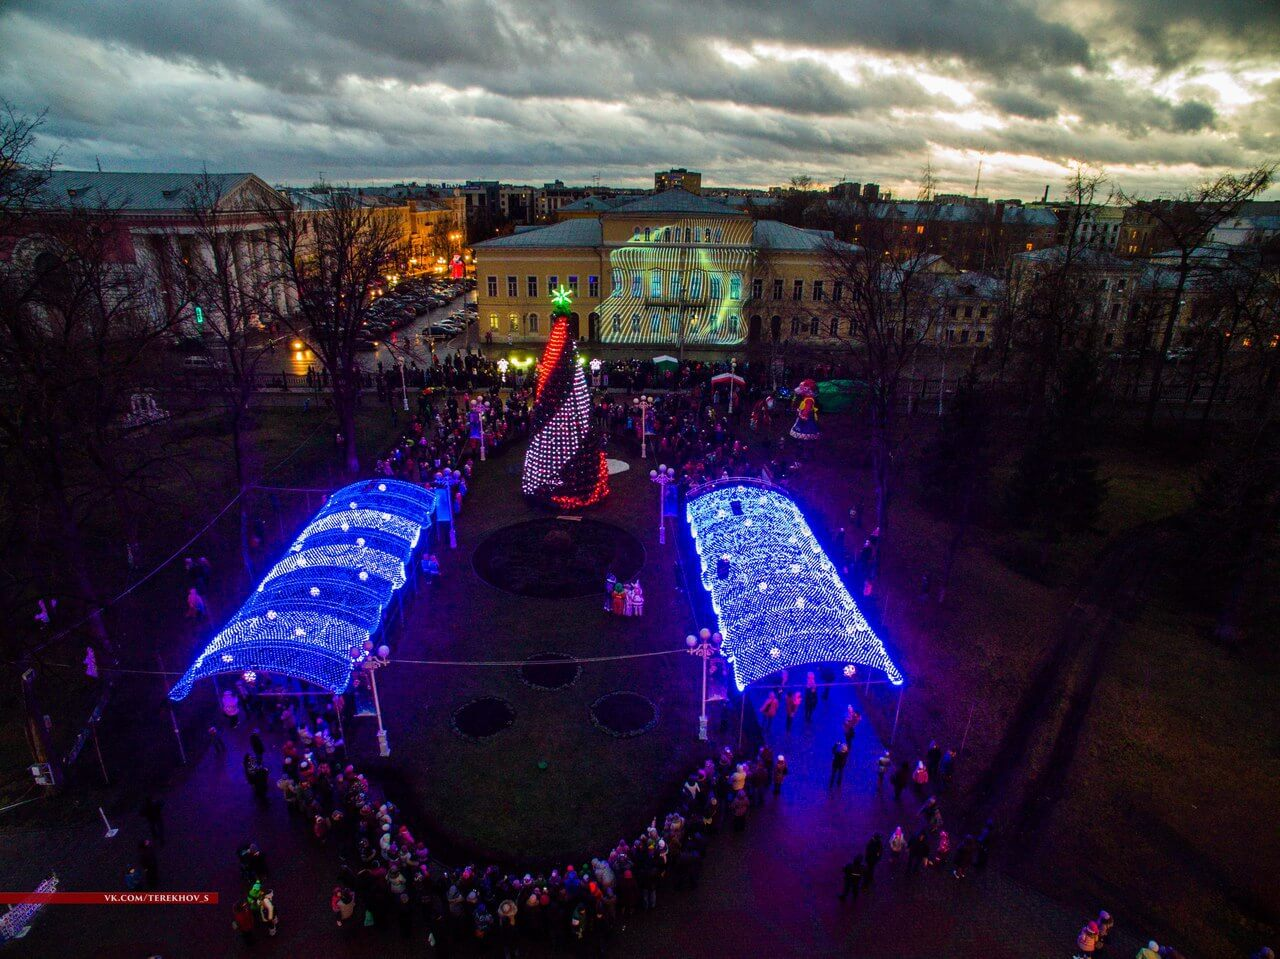 В городском саду в Твери проходит развлекательная новогодняя программа